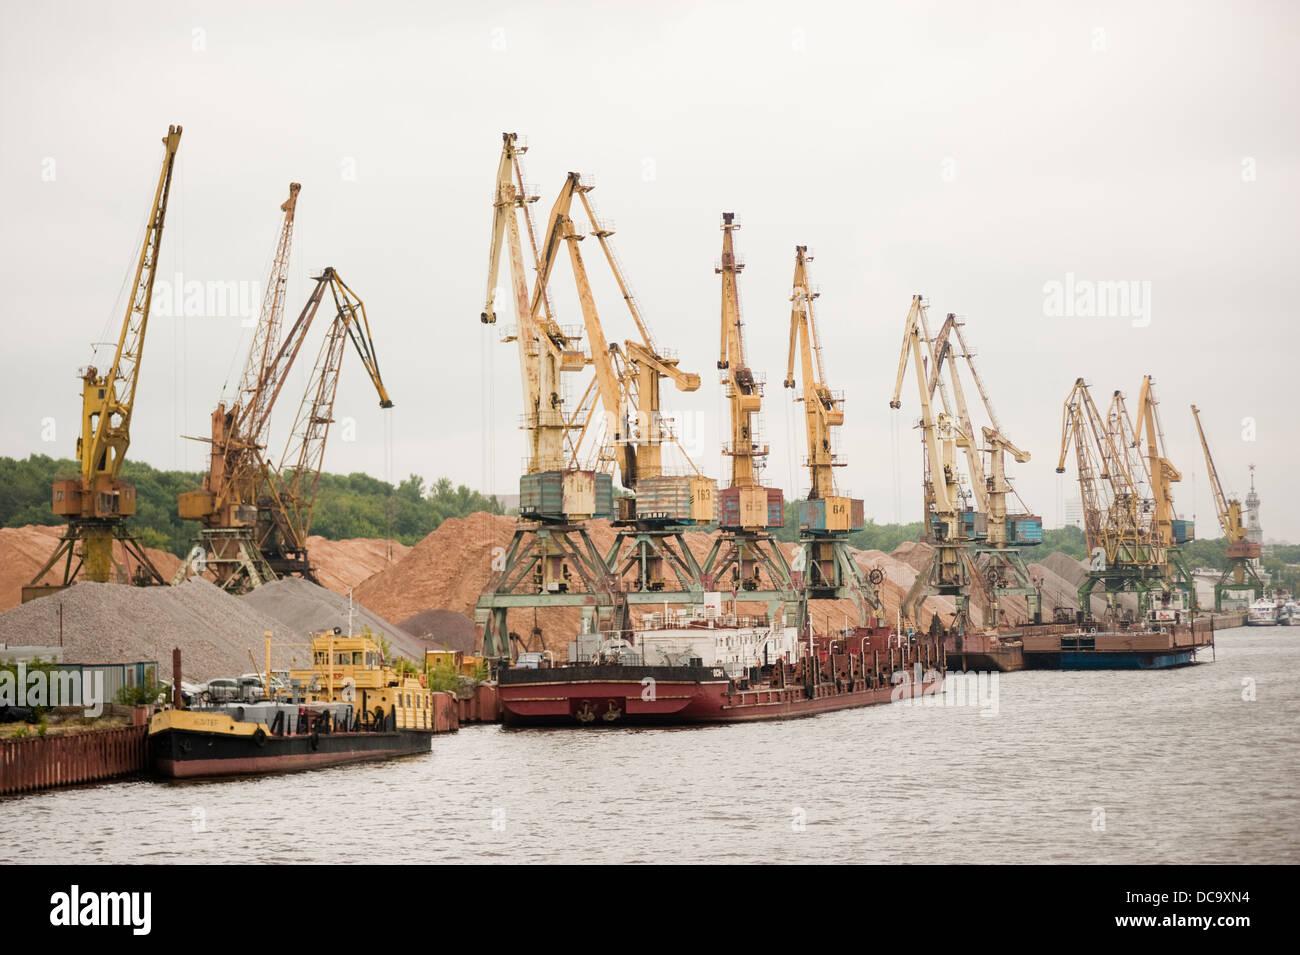 Sand und Kies Frachthafen entlang Moskau Kanal und Schiffe geladen Russland Stockbild